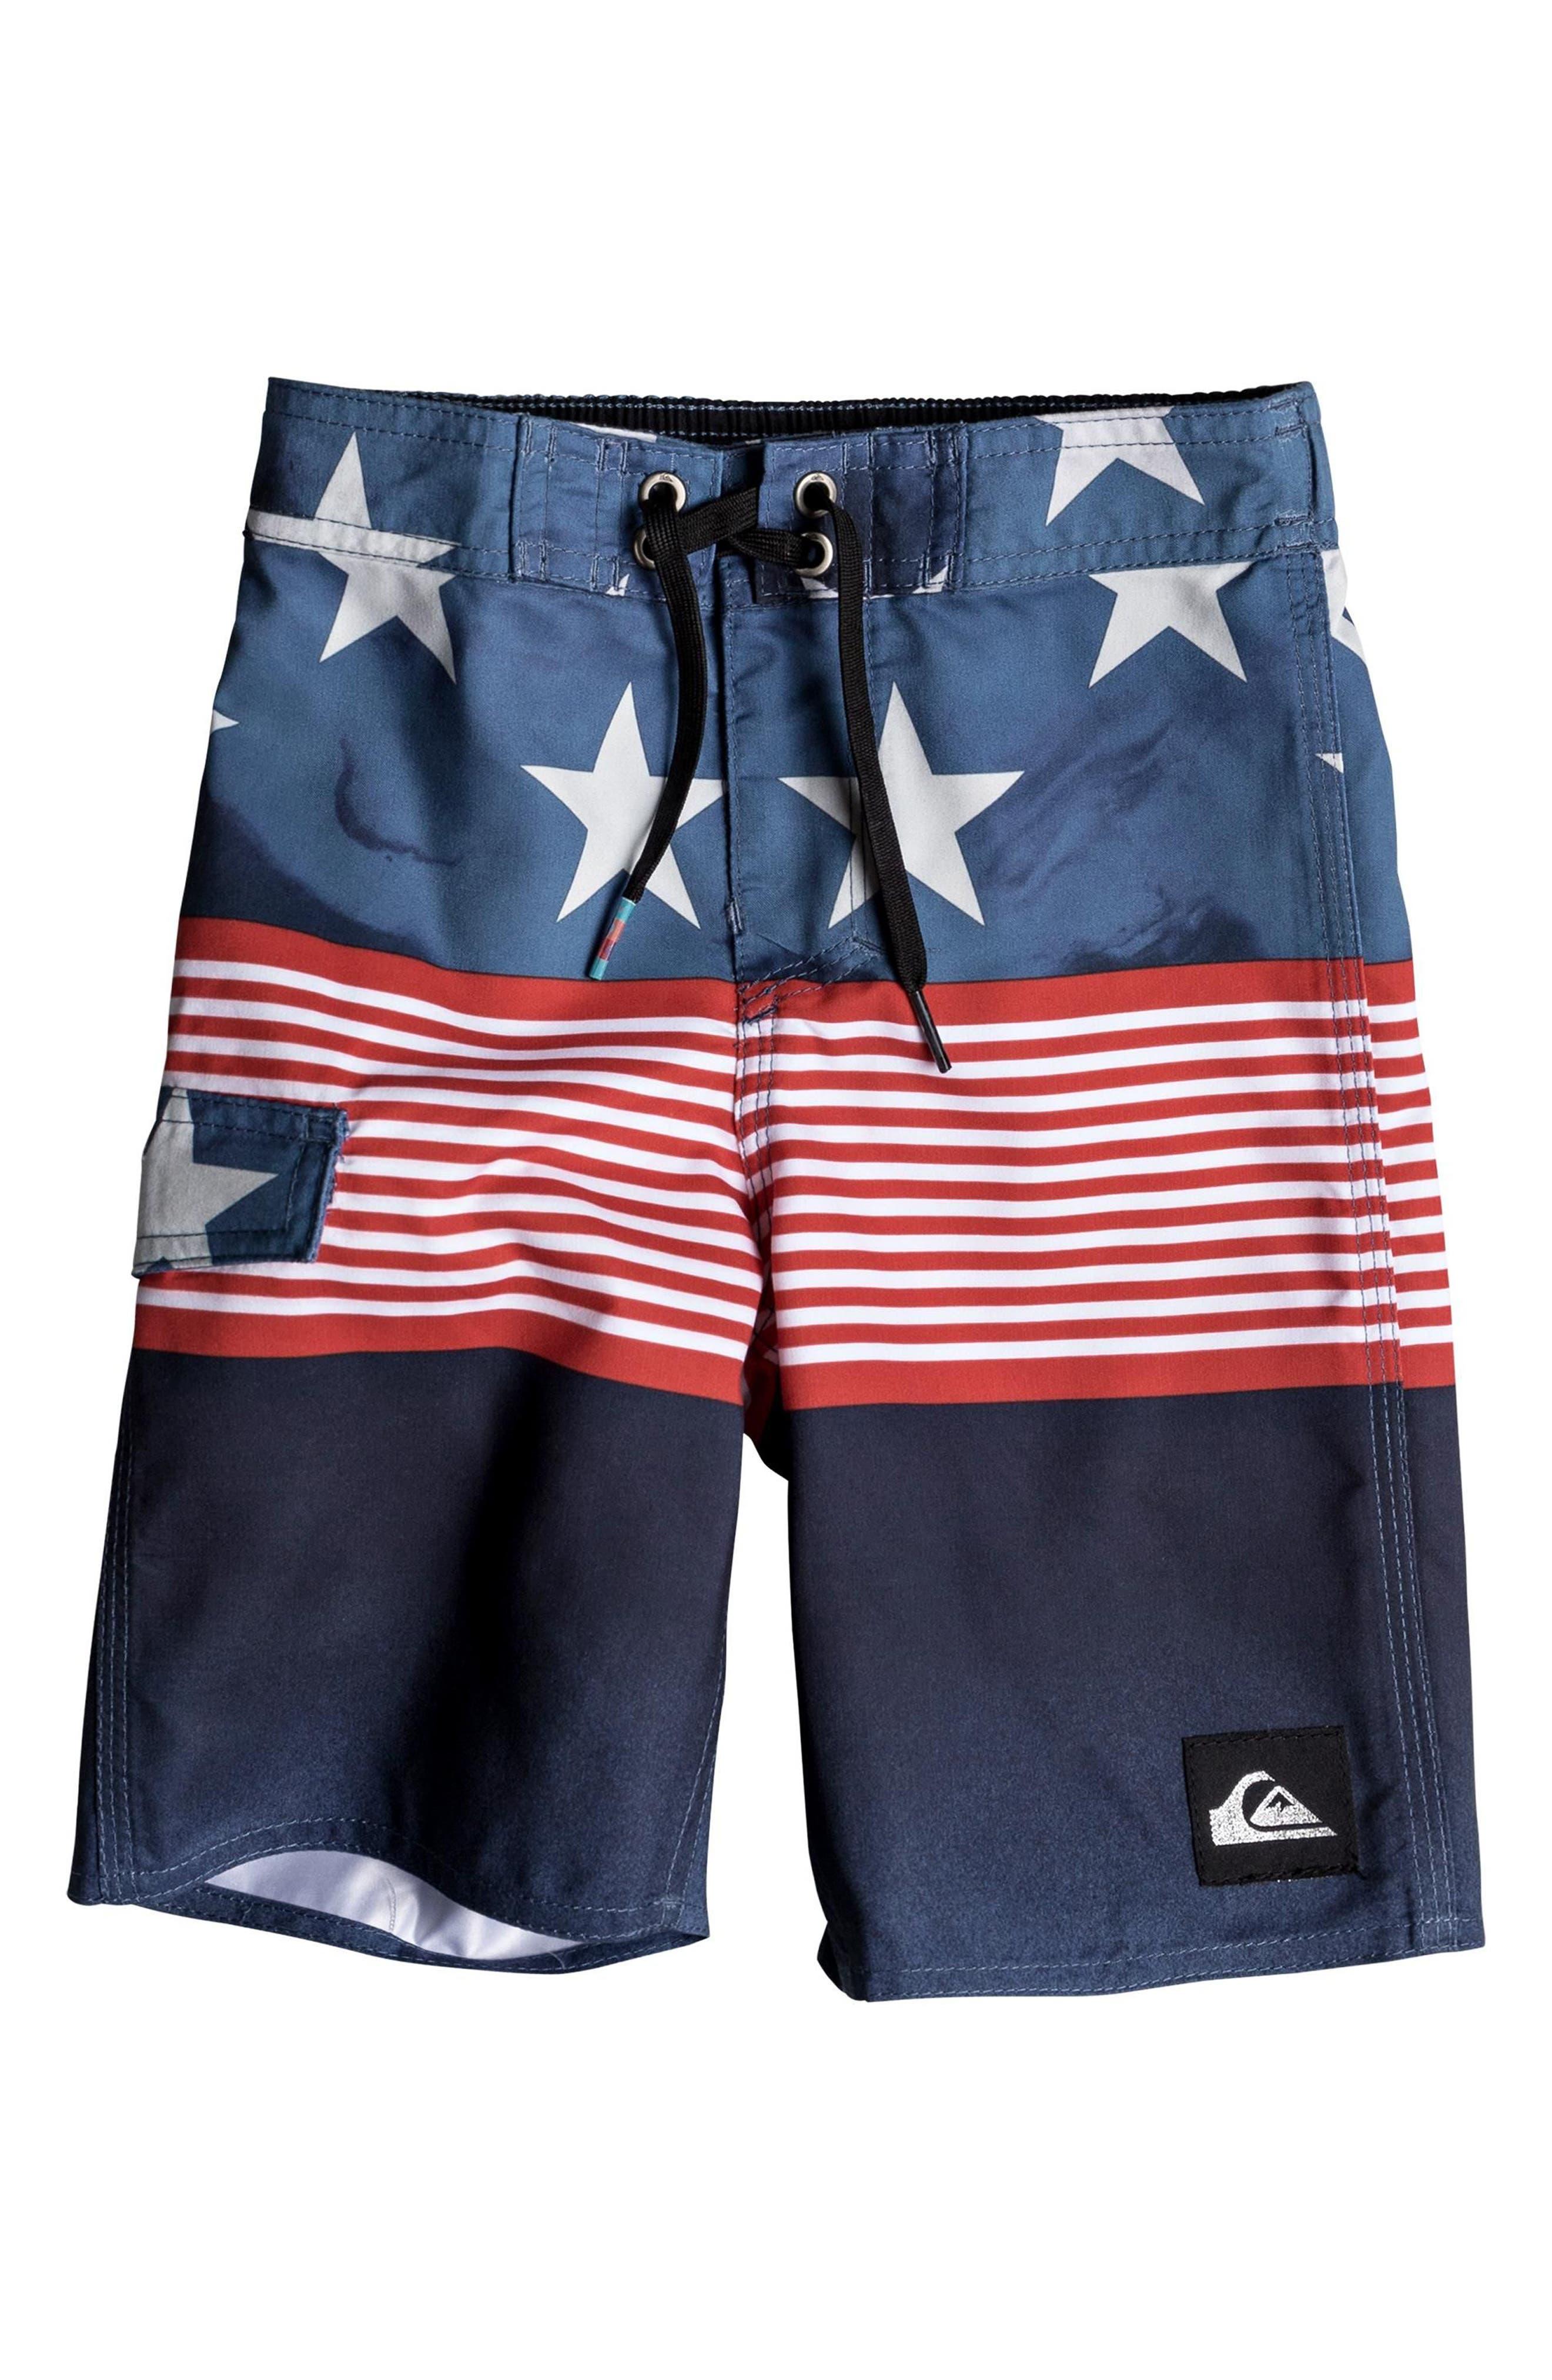 Division Independent Board Shorts,                             Main thumbnail 1, color,                             Navy Blazer